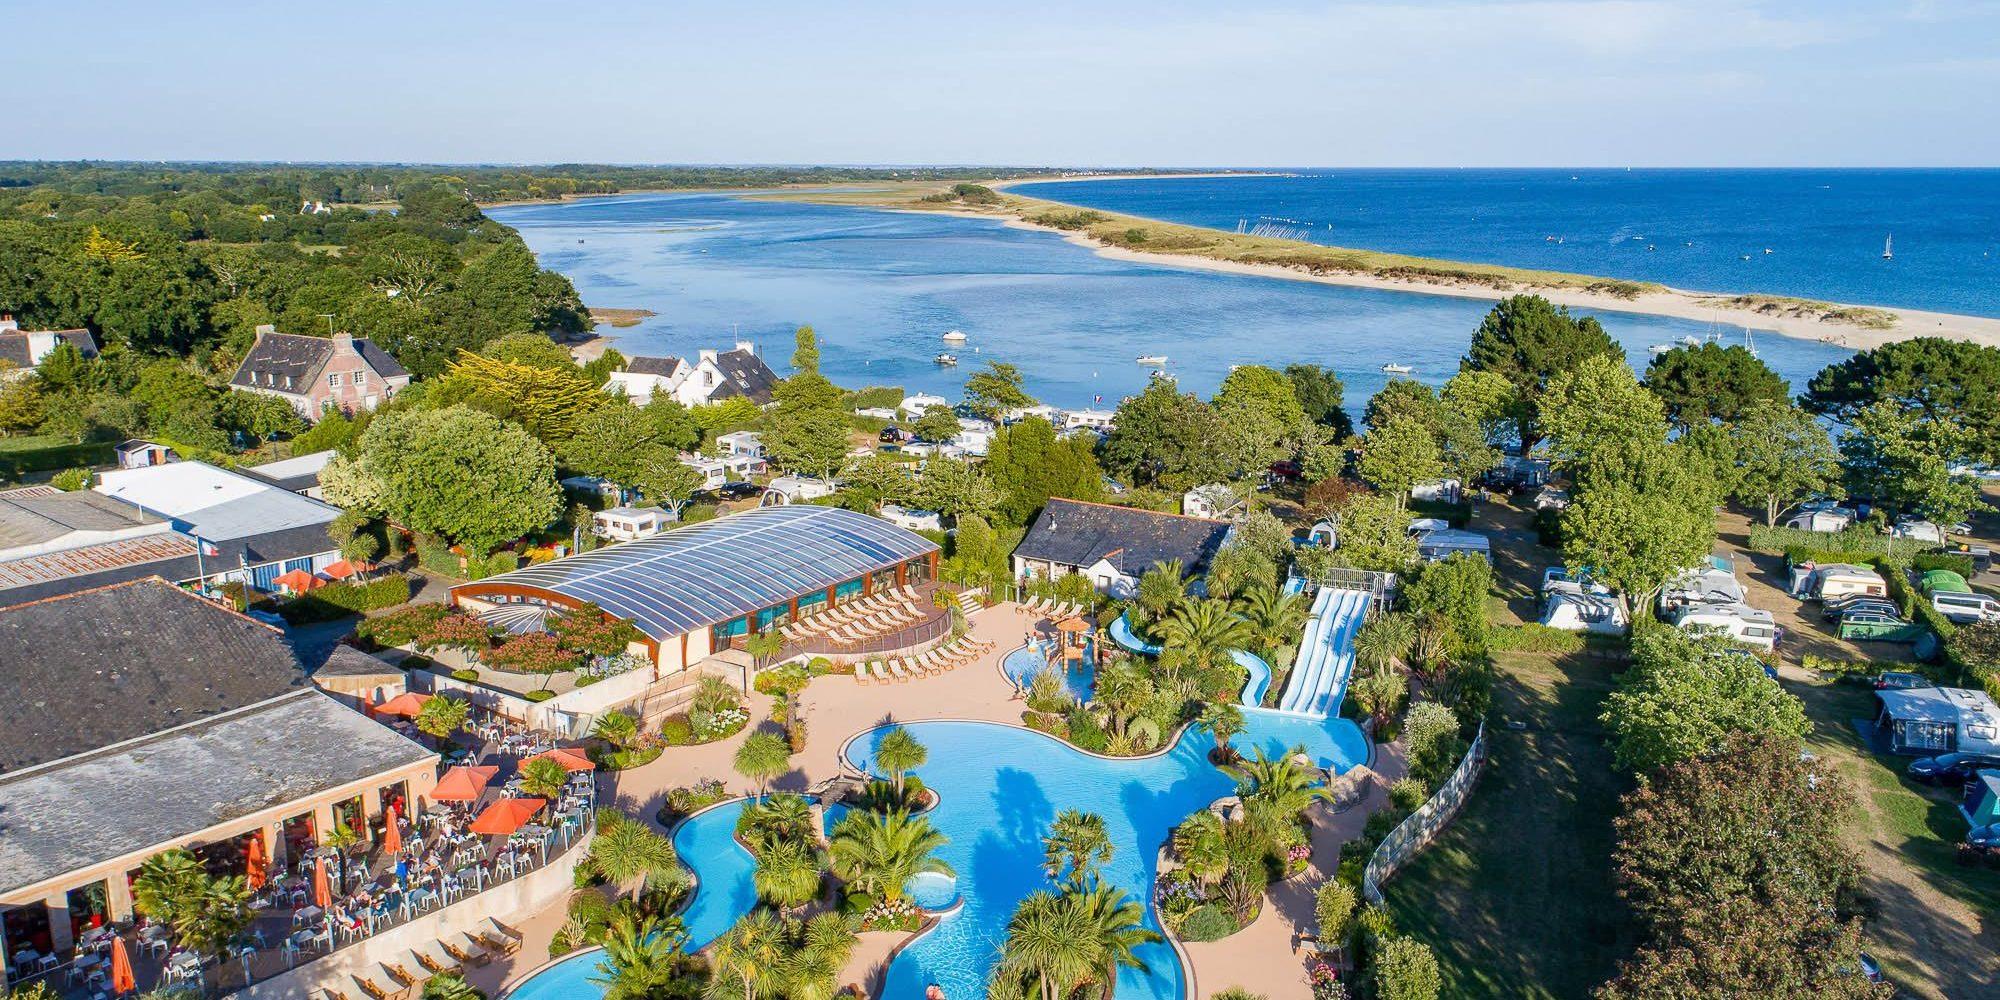 Camping bretagne avec piscine parc aquatique espace for Piscine aquatropic